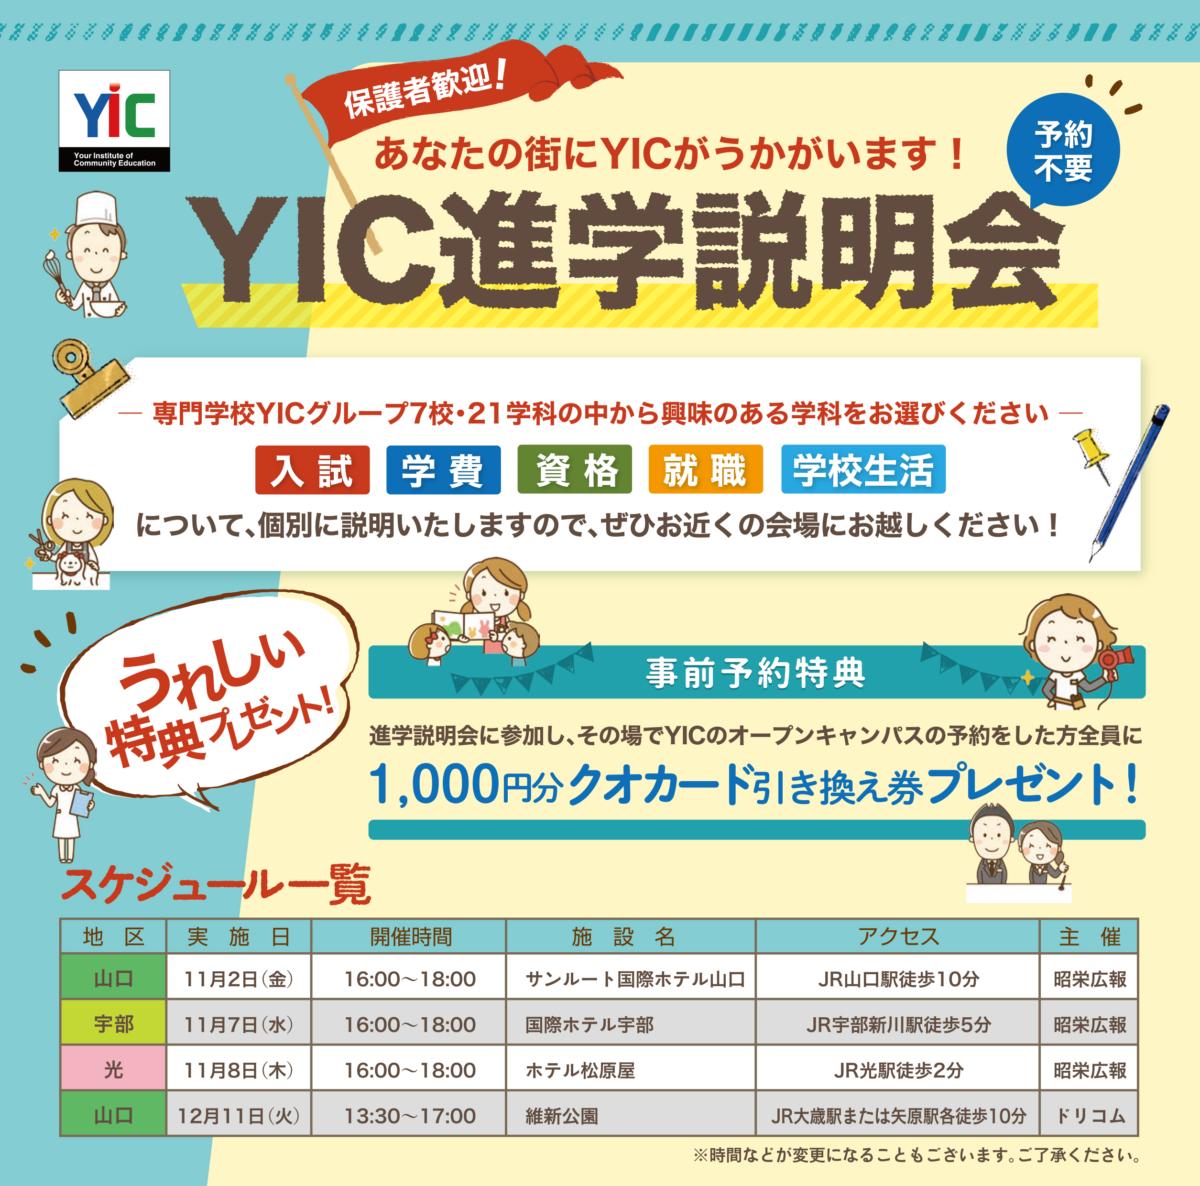 あなたの街にYICがうかがいます! YIC進学説明会